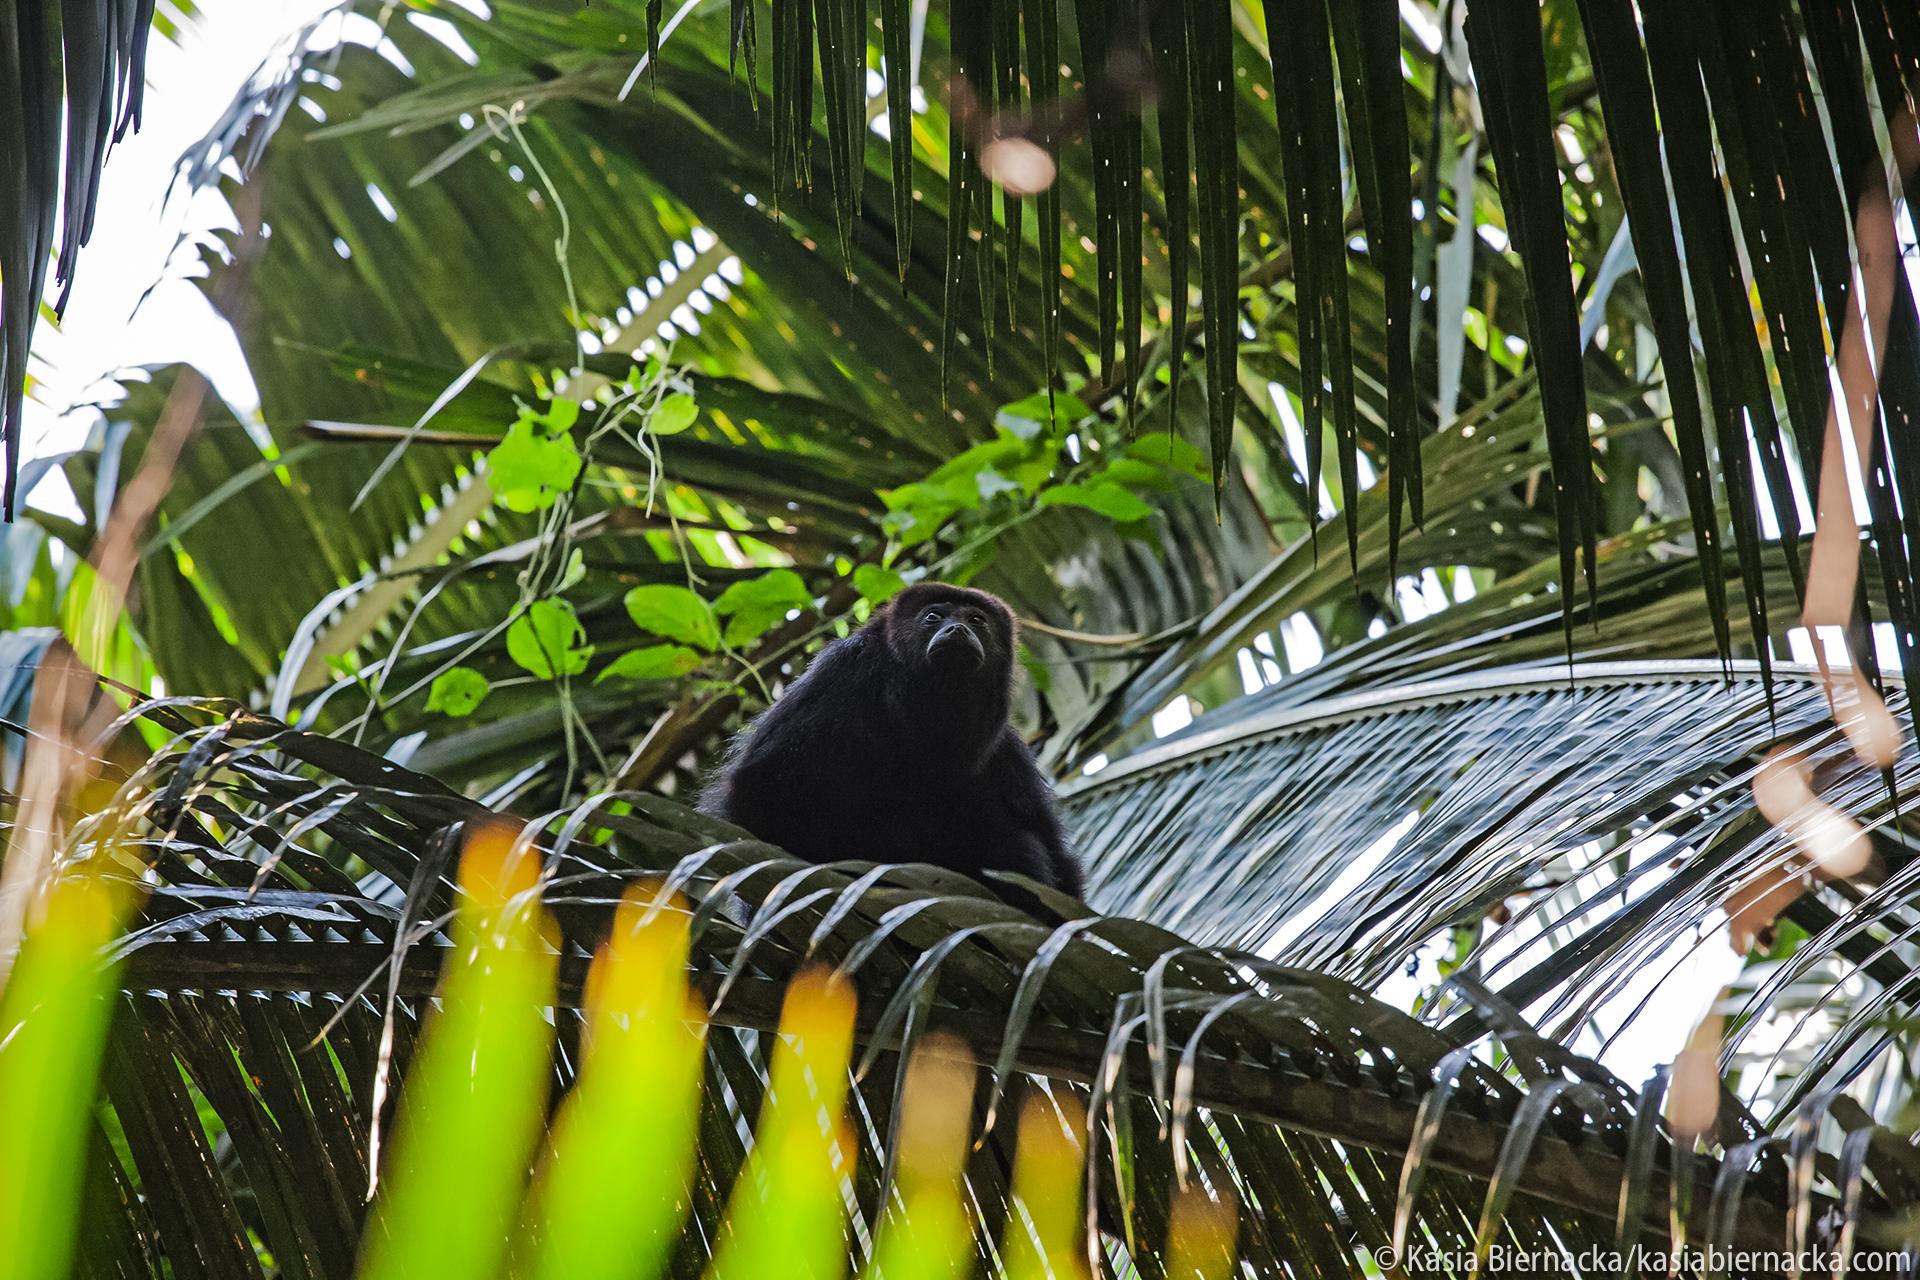 """Las deszczowy Ameryki Środkowej - """"O harpiach, ślimakach, jaskiniach i dronach czyli czego szukaliśmy w rezerwacie górskim w południowym Belize"""".Jakie są najgroźniejsze stworzenia żyjące w selvie i co jedzą drapieżne harpie? Gdzie szukać nieznanych nauce gatunków mikroskopijnych mięczaków? Po co zjeżdżać na dno leja krasowego o głębokości 100 metrów? Jak za pomocą kamery termowizyjnej znaleźć wyjce?Zapytaj / zamów zajęcia - kontakt."""